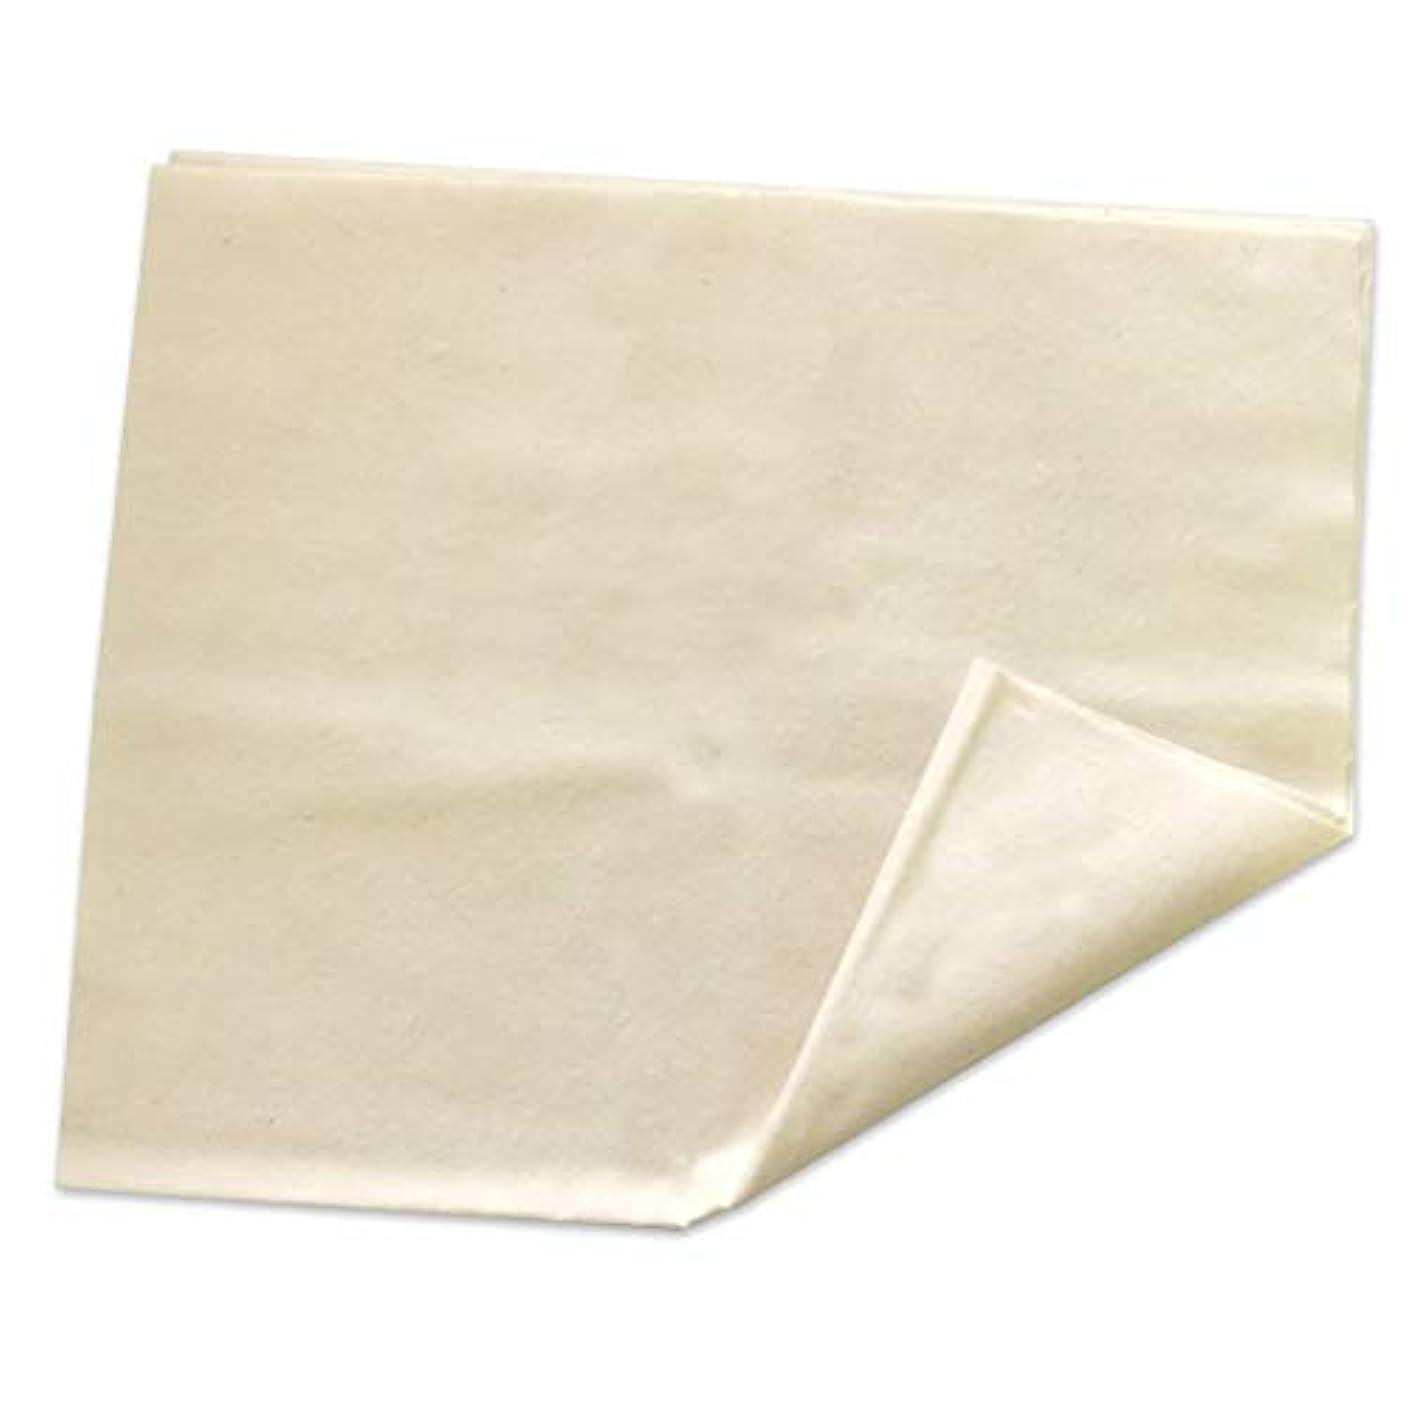 テクニカル発表する研磨コットンフランネル (コットンネル生地、綿100%、ヒマシ油パック、パック、ひまし油パック)